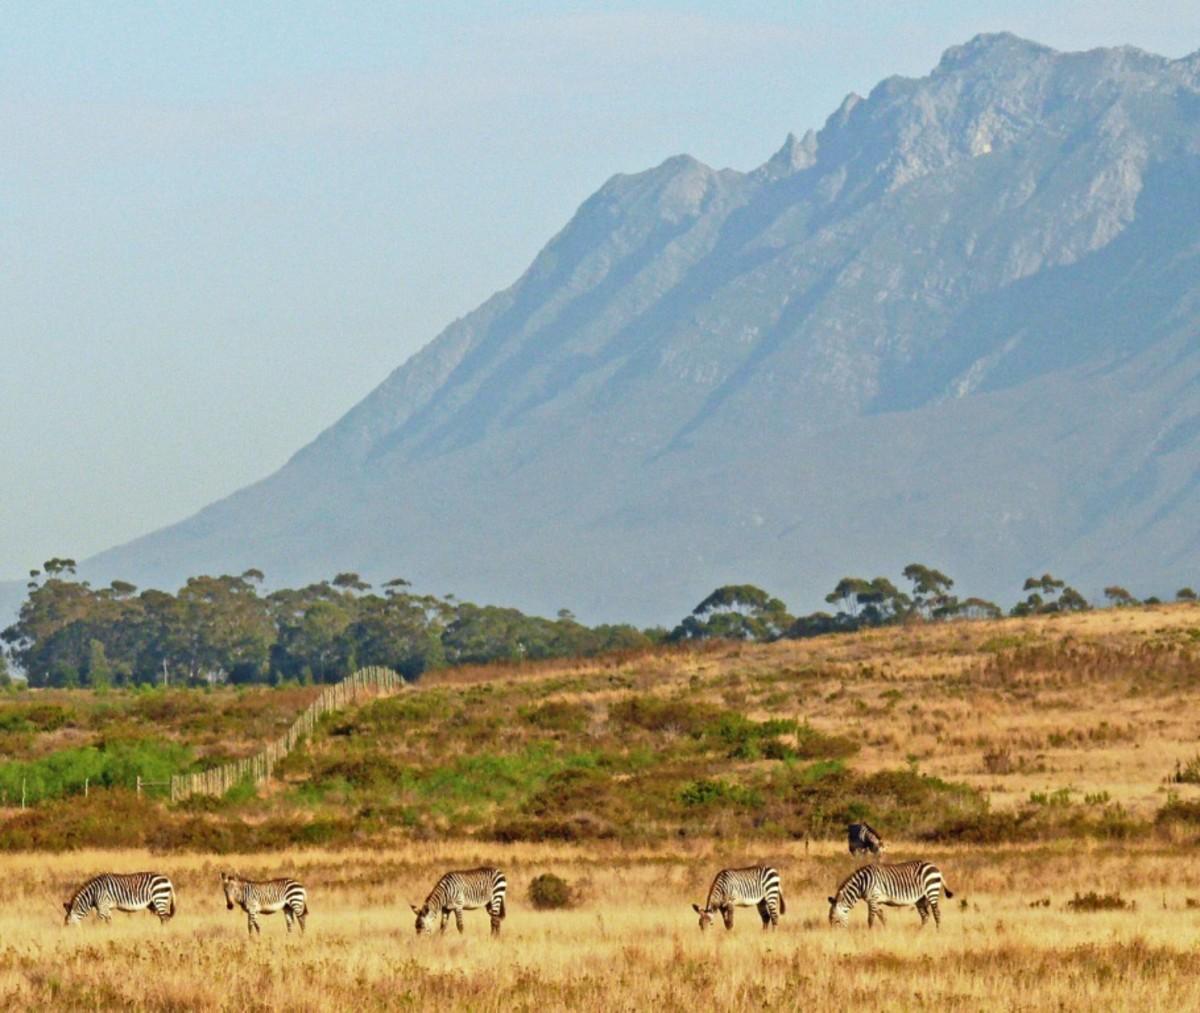 Cape Folded Range from Bontebok National Park